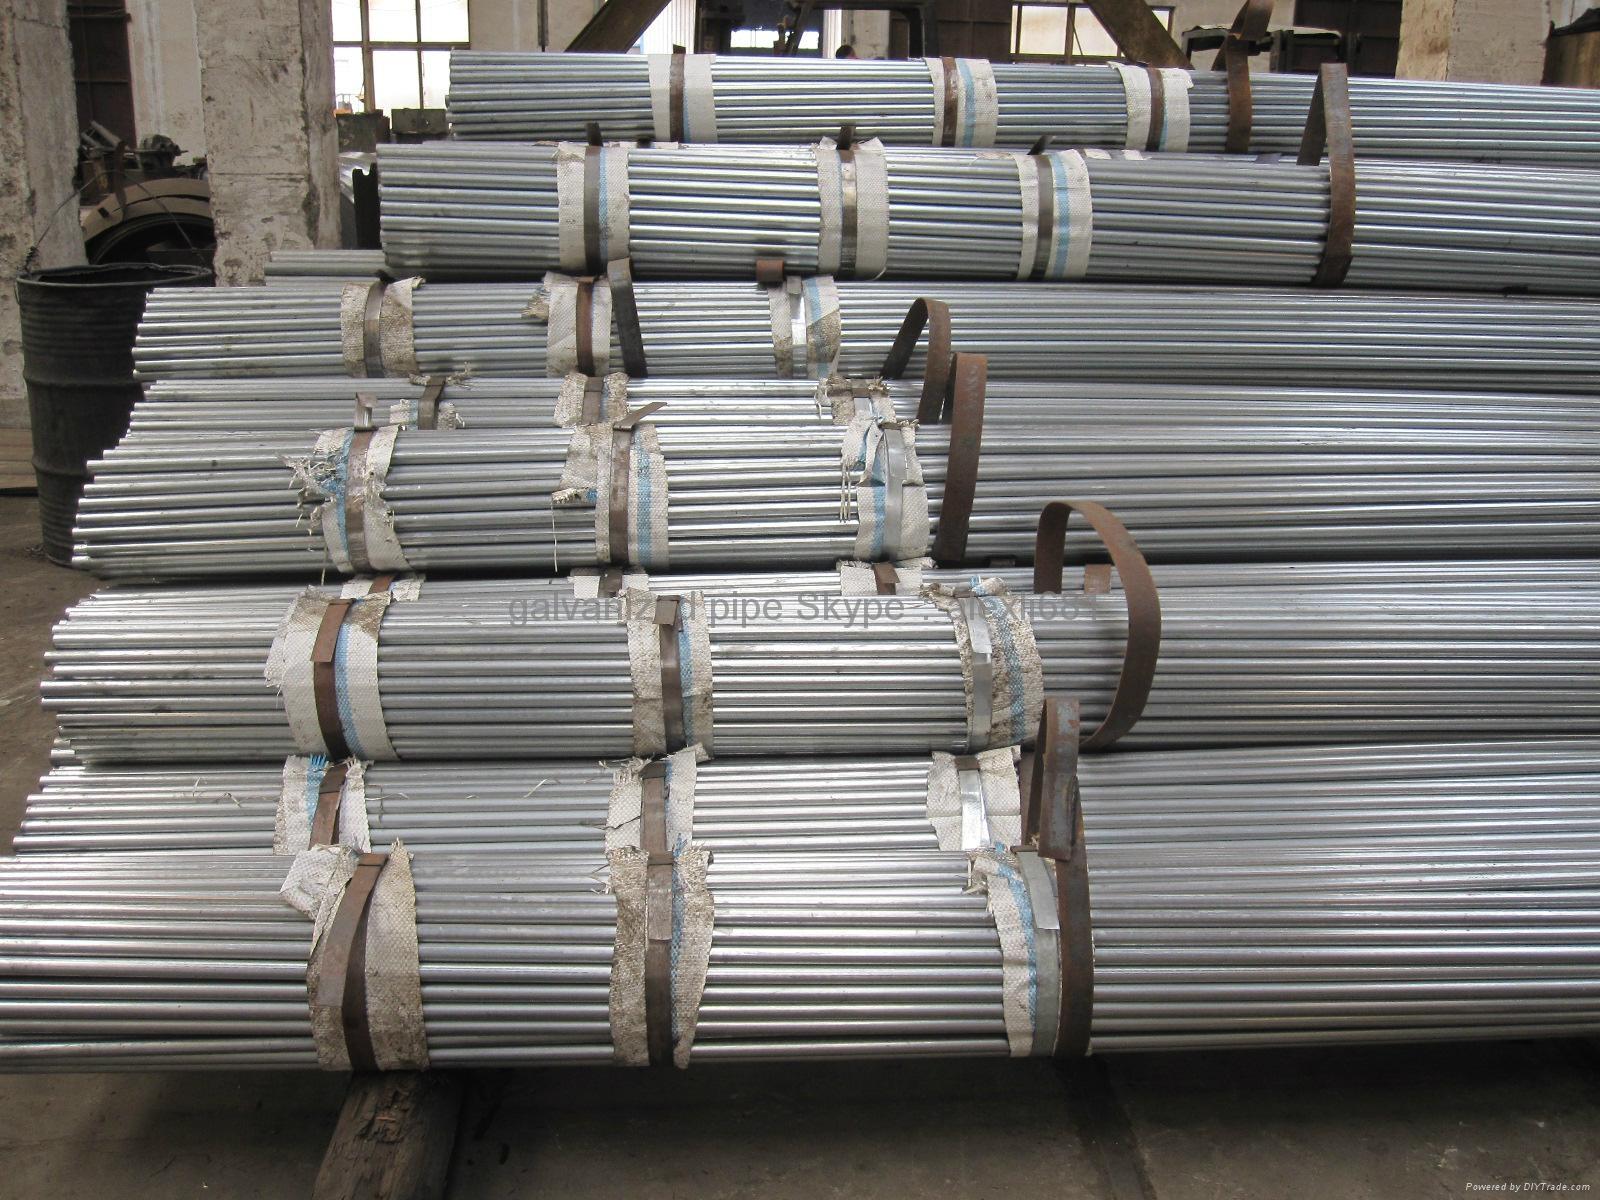 鍍鋅管,方管,矩形管,高頻鍍鋅鋼管,鍍鋅焊管,鍍鋅無縫管 12